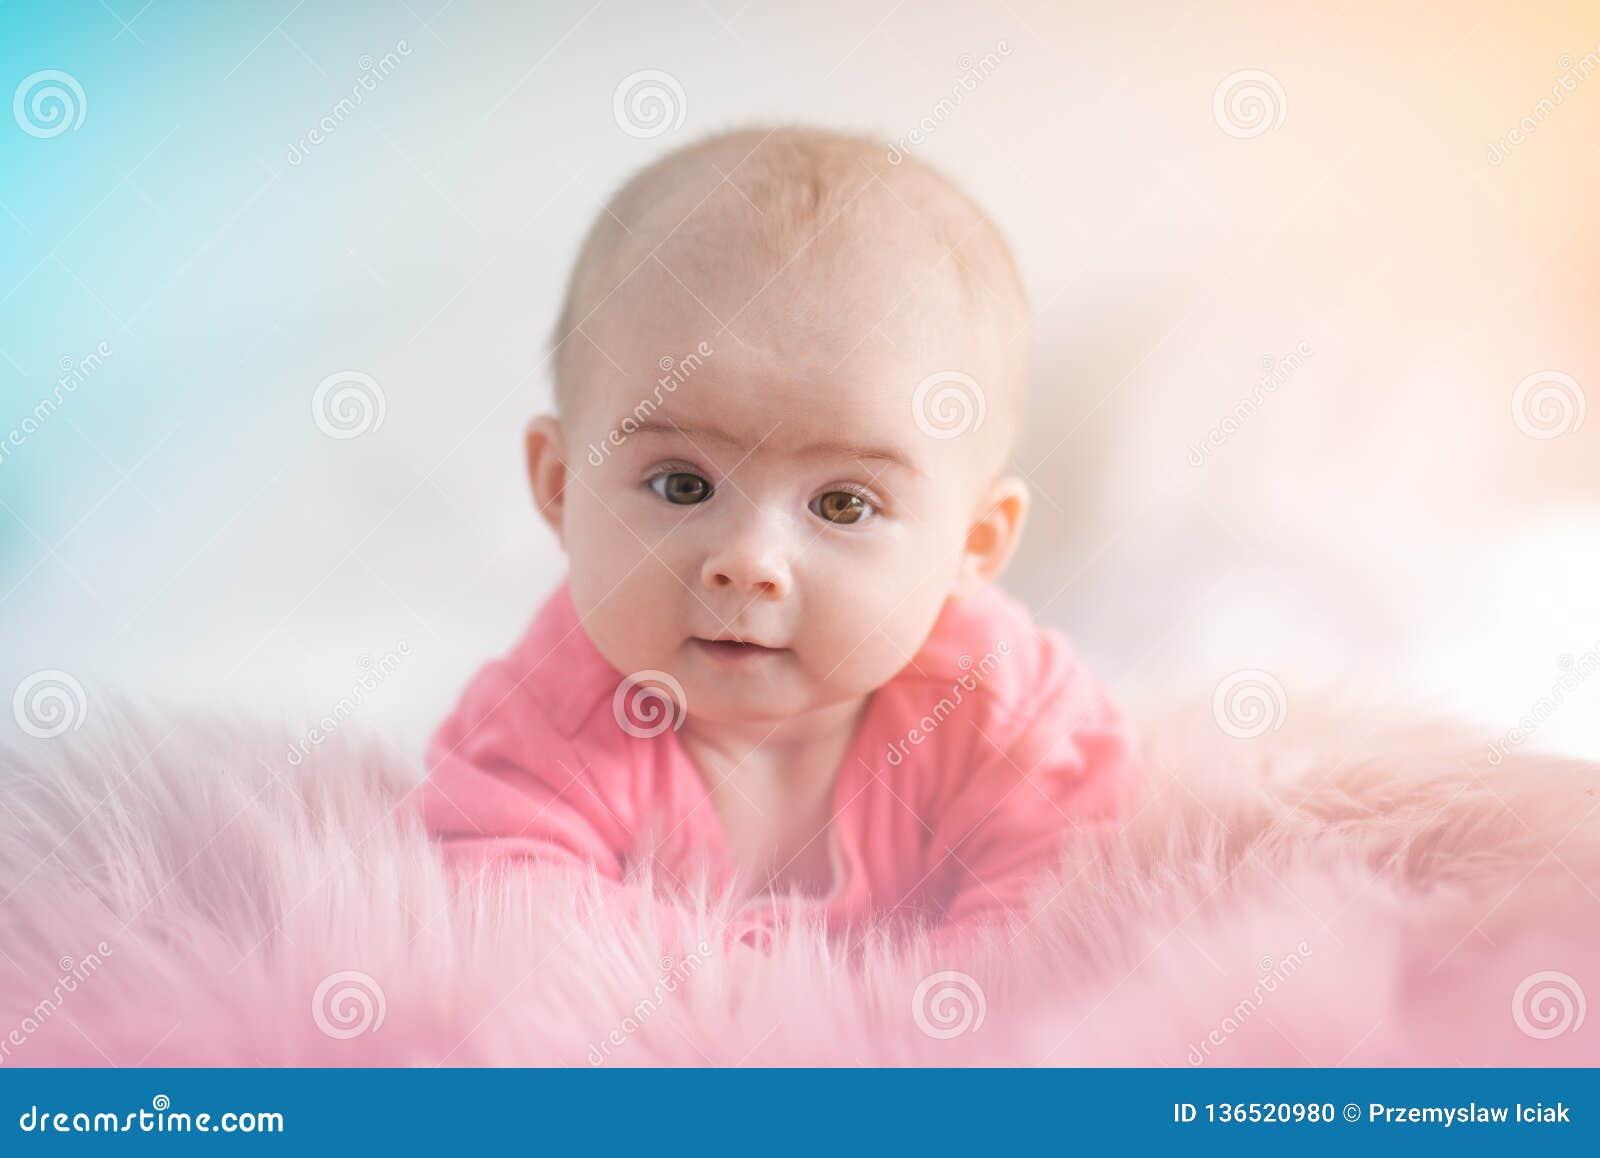 Leuke vijf maanden oud van het Babymeisje de zuigelings op een bed op haar buik met hoofd die omhoog naar camera met haar grote o